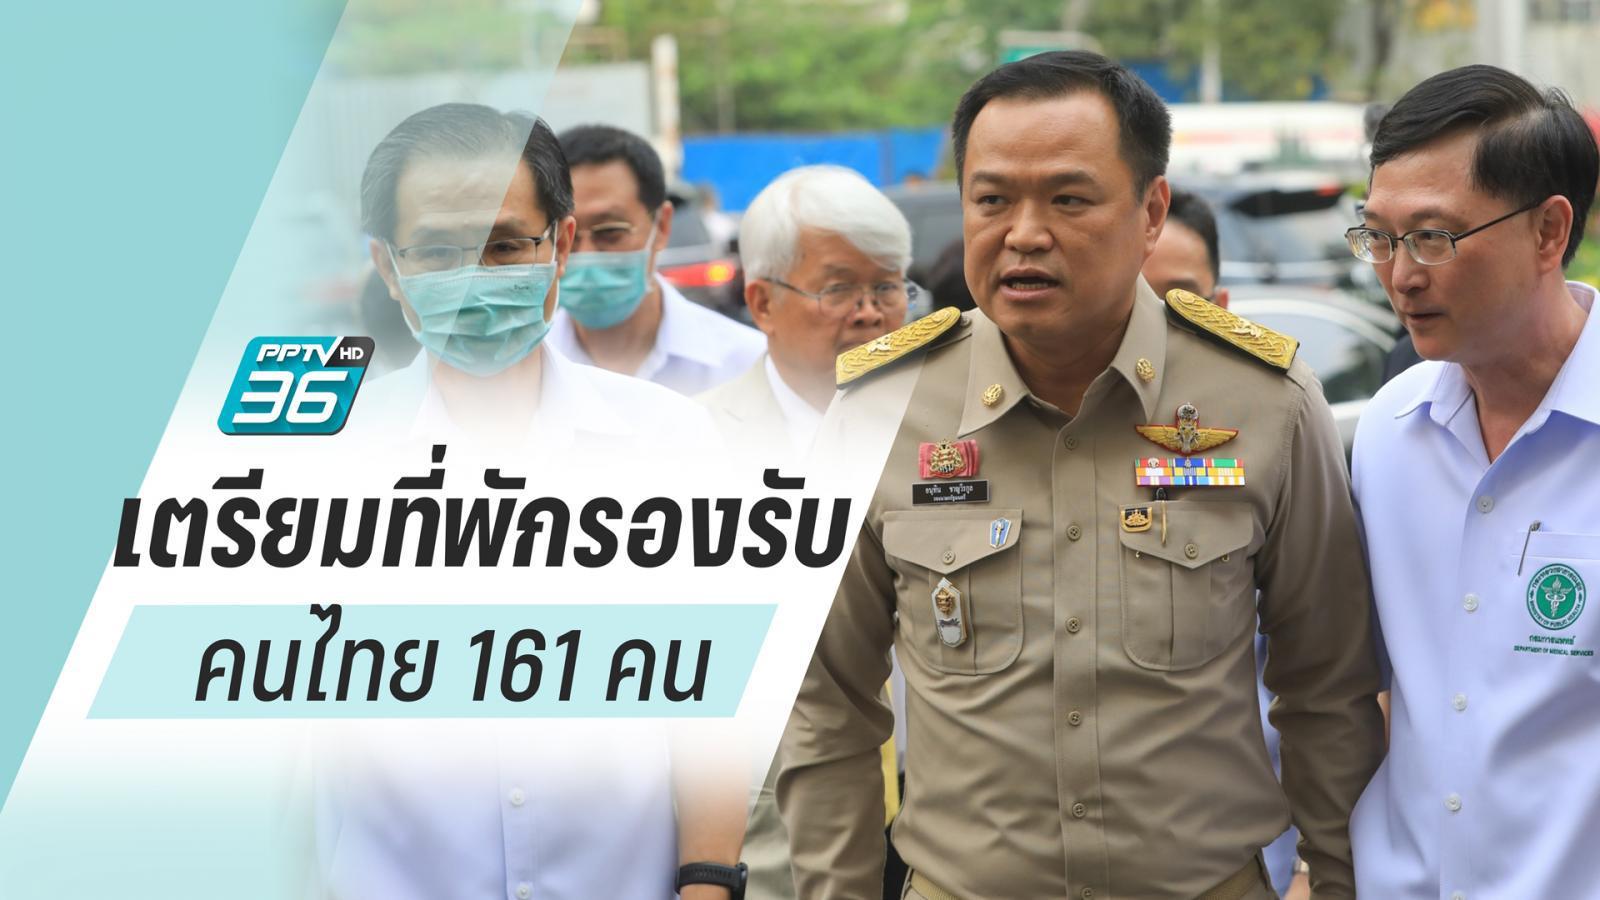 """""""อนุทิน"""" เตรียมสถานที่พักรองรับคนไทย 161 คน แต่ไม่บอกพิกัดเพื่อความสบายใจ"""